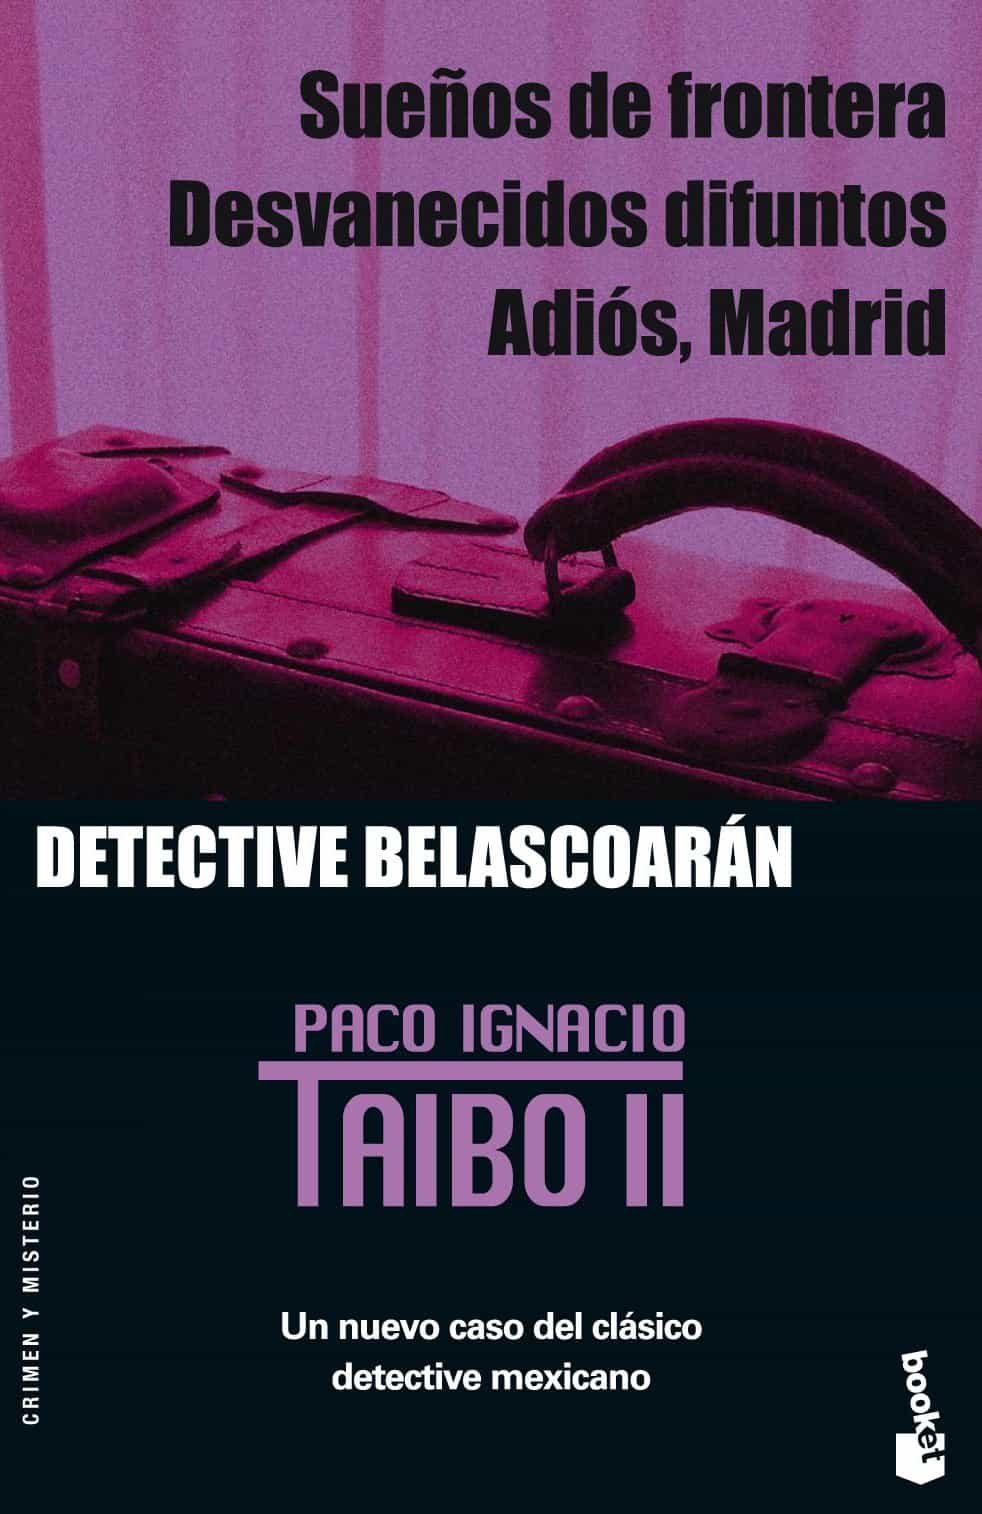 Sueños De Frontera; Desvanecidos Difuntos; Adios, Madrid: Detecti Ve Belascoaran por Paco Ignacio Taibo Ii